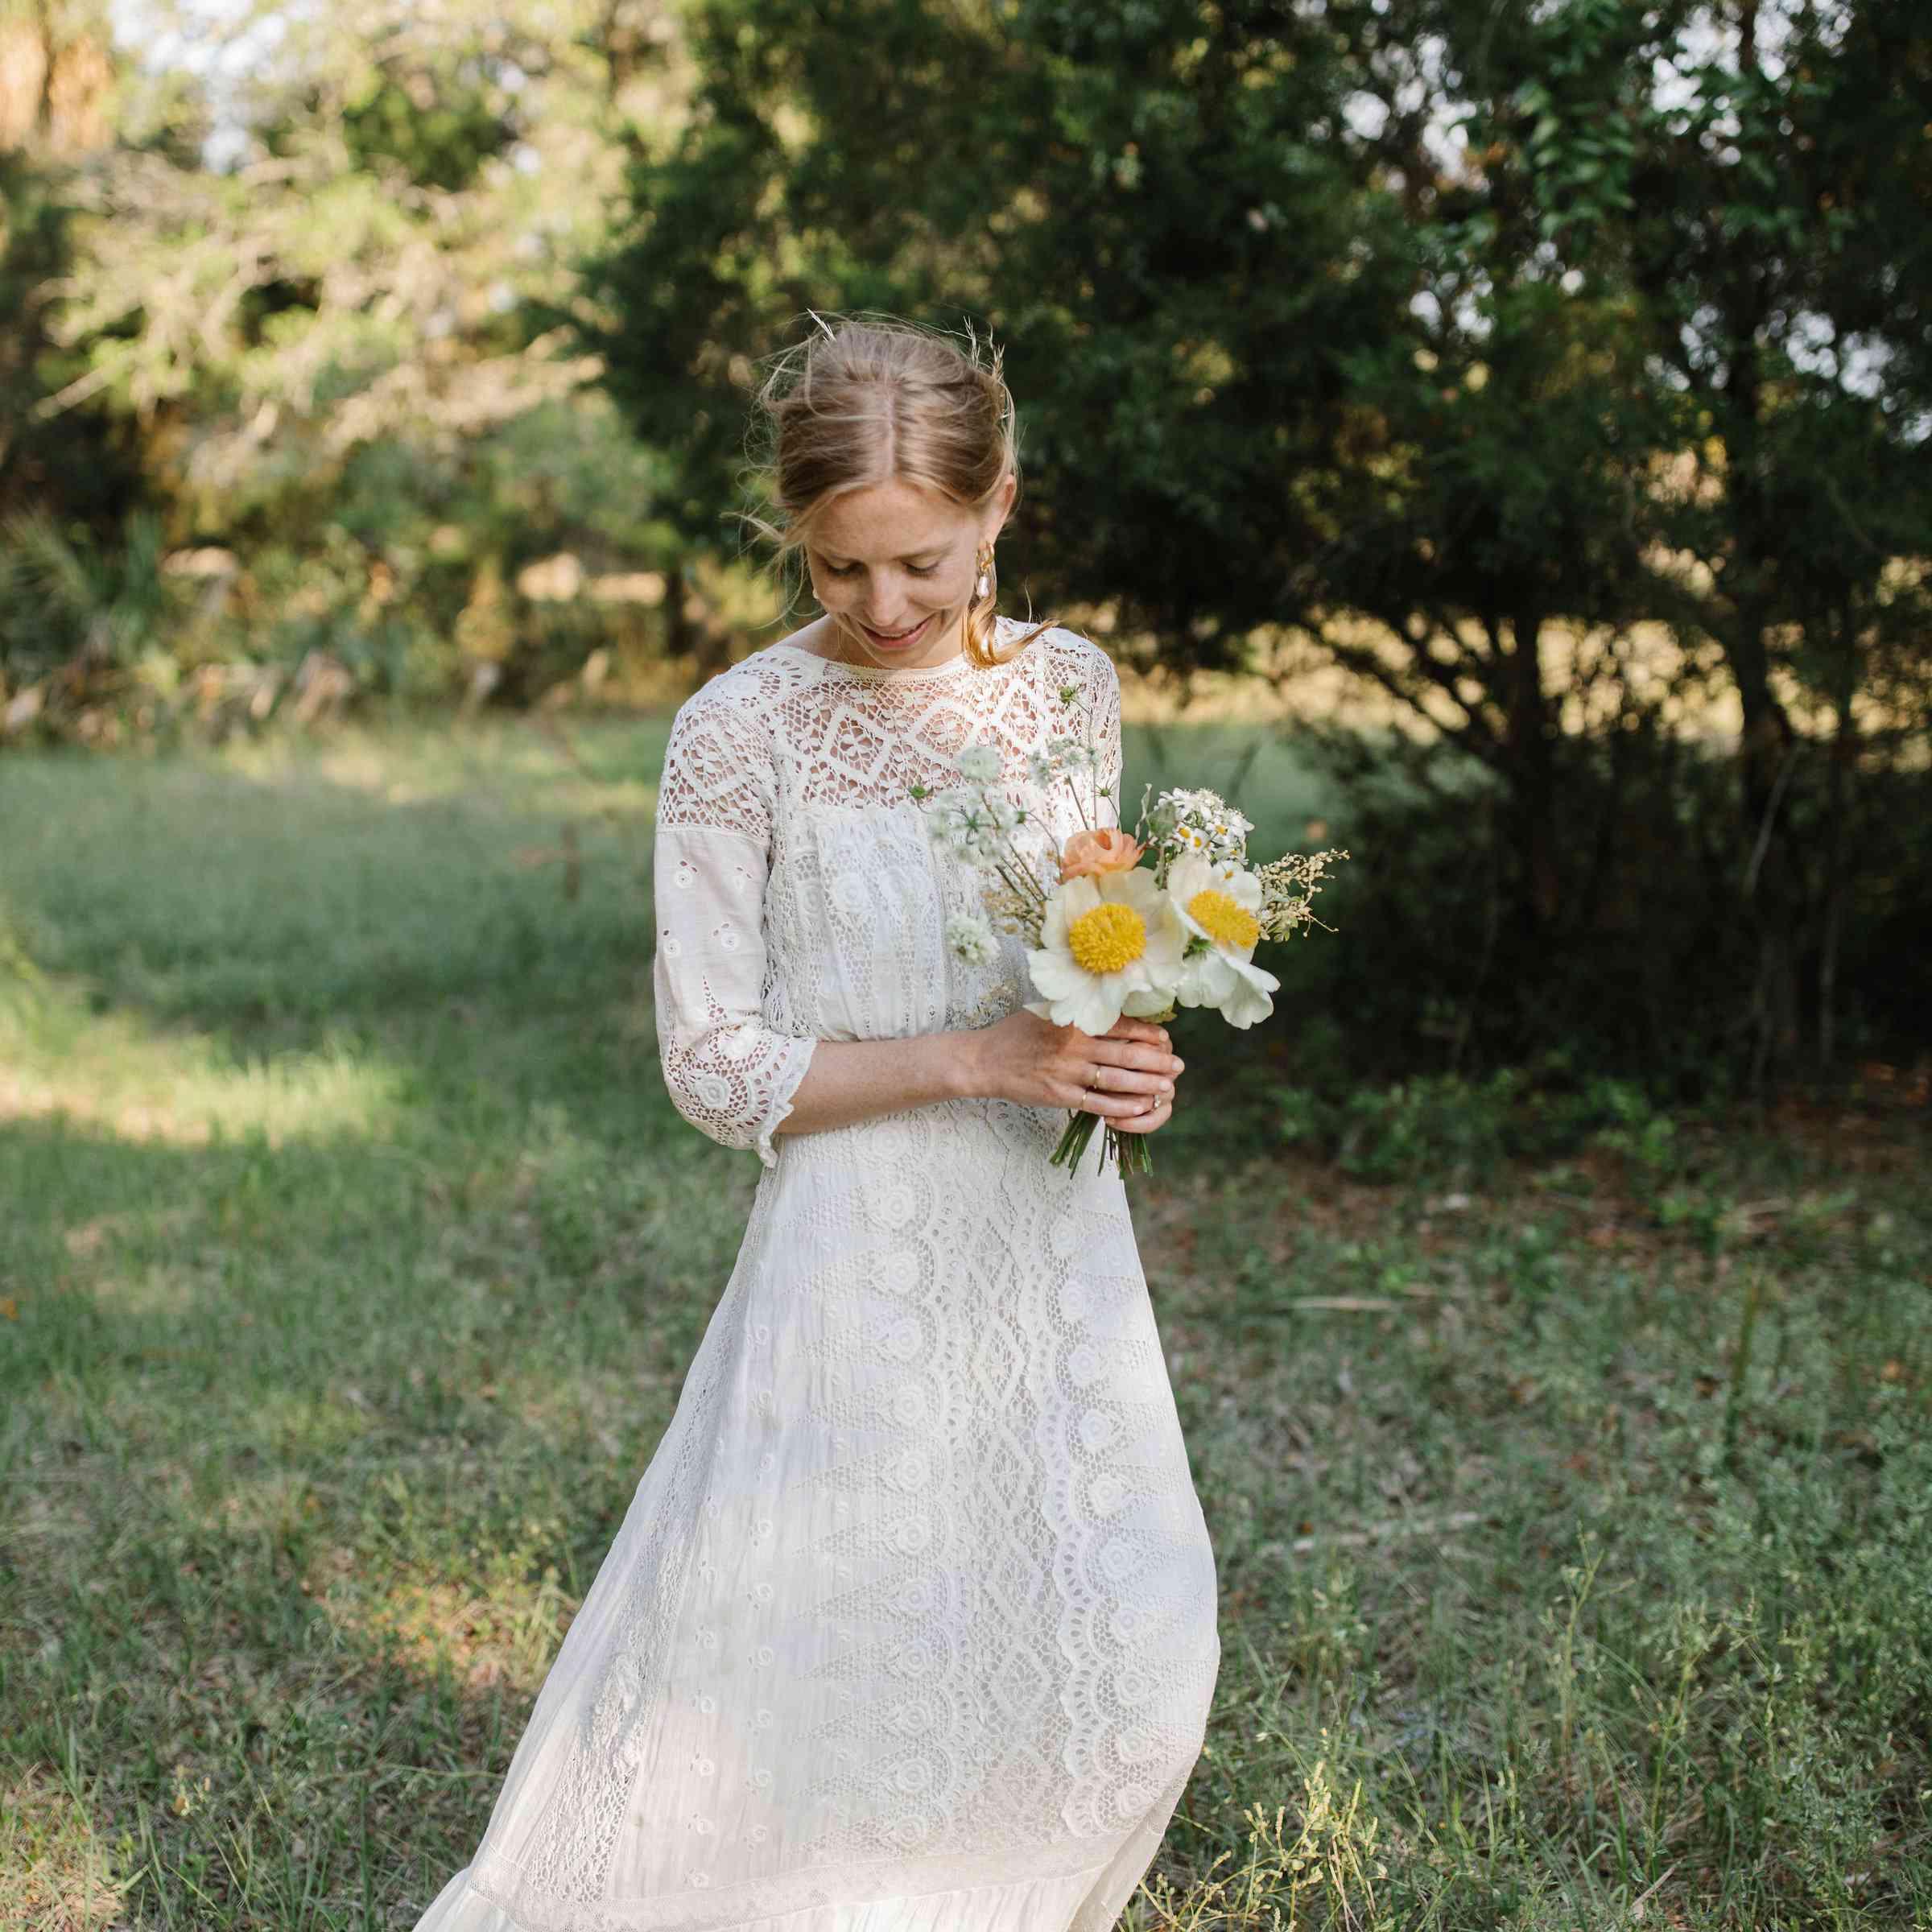 <p>bride in vintage wedding dress</p><br><br>